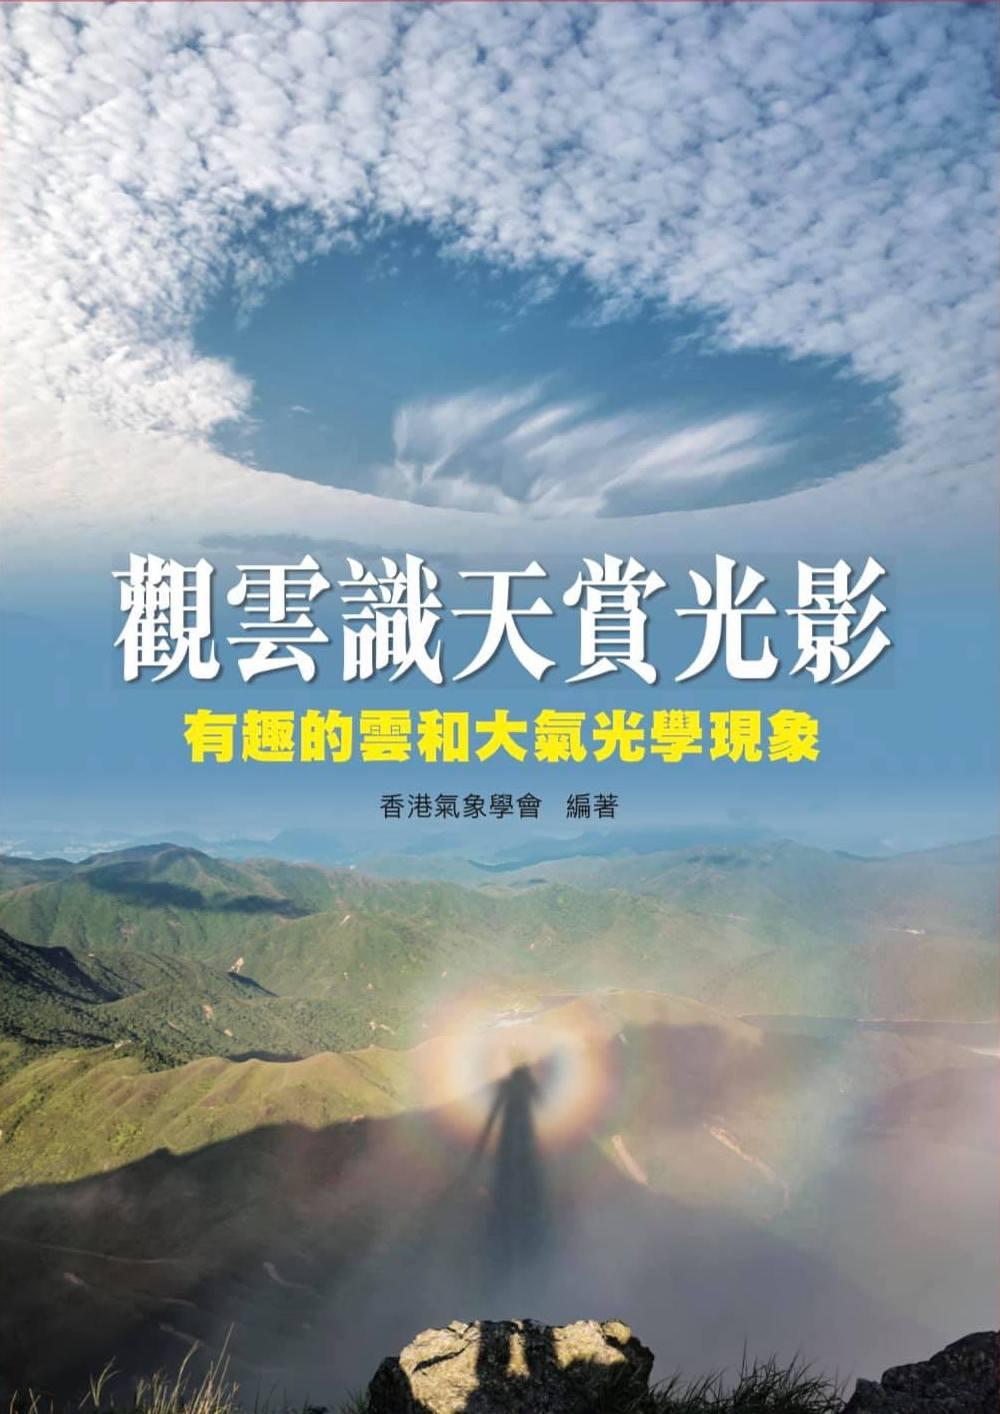 觀雲識天賞光影——有趣的雲和大氣光學現象